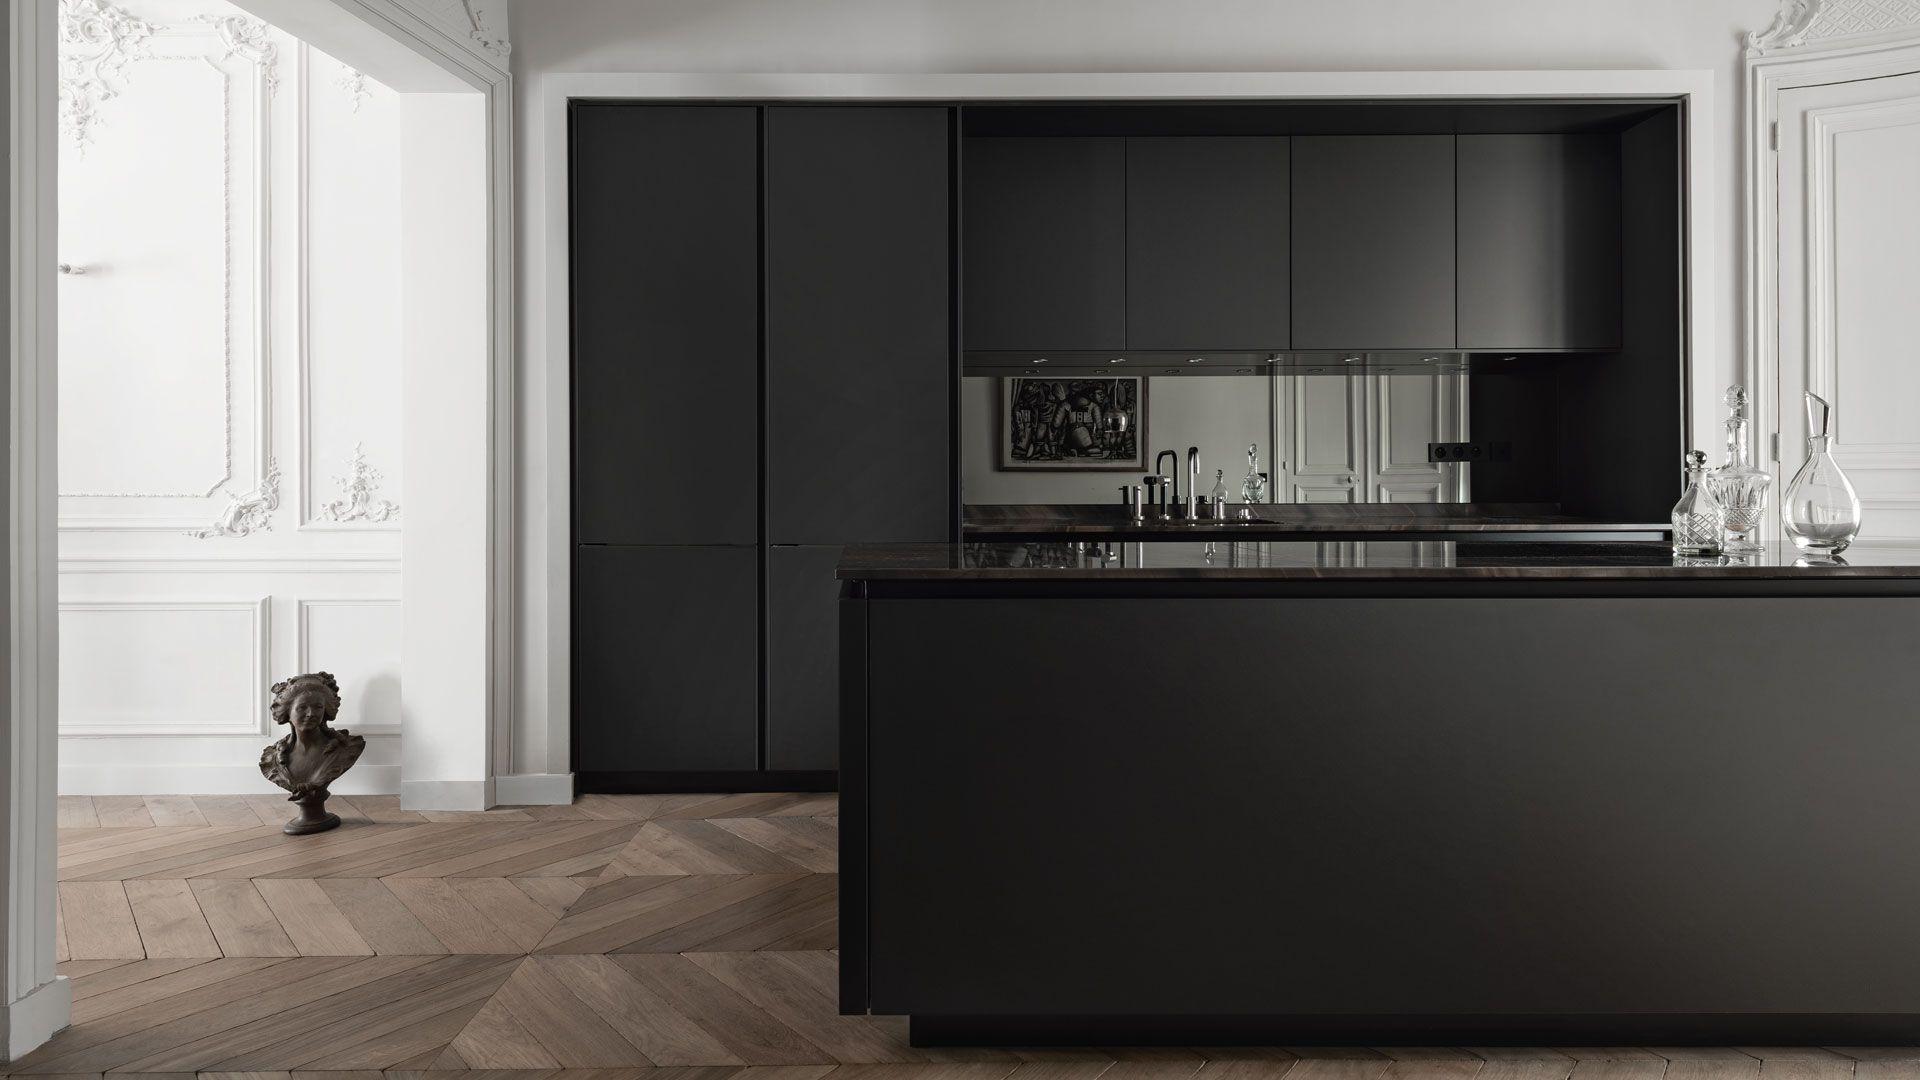 Stunning SieMatic K chen berzeugen durch edle Materialien und pr zise Verarbeitung u entdecken Sie die Vielfalt unserer grifflosen K chen und Designs mit Griffen